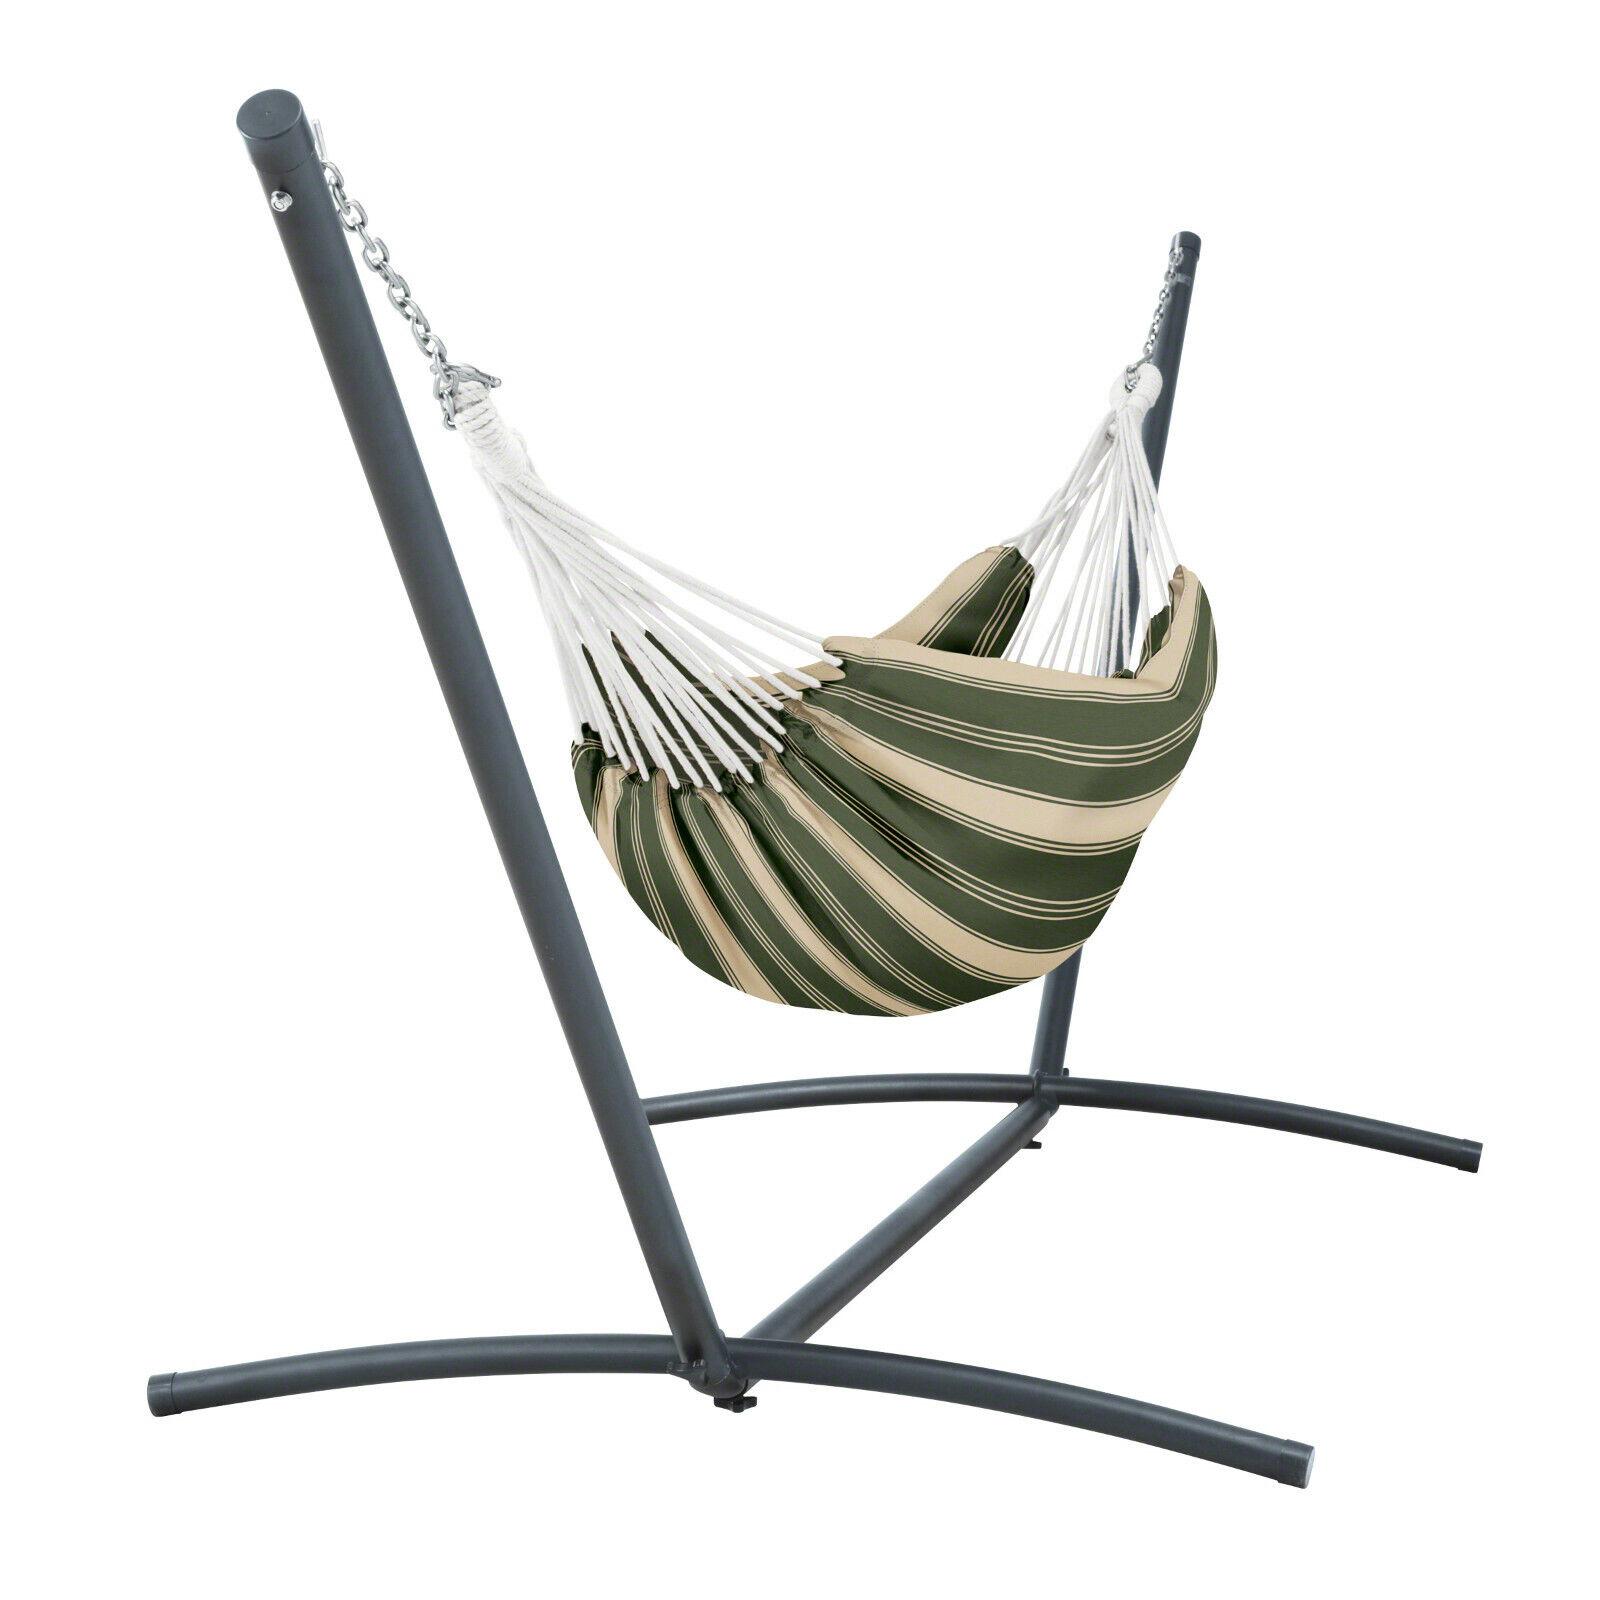 brazillian hammock w steel stand montlake multiple